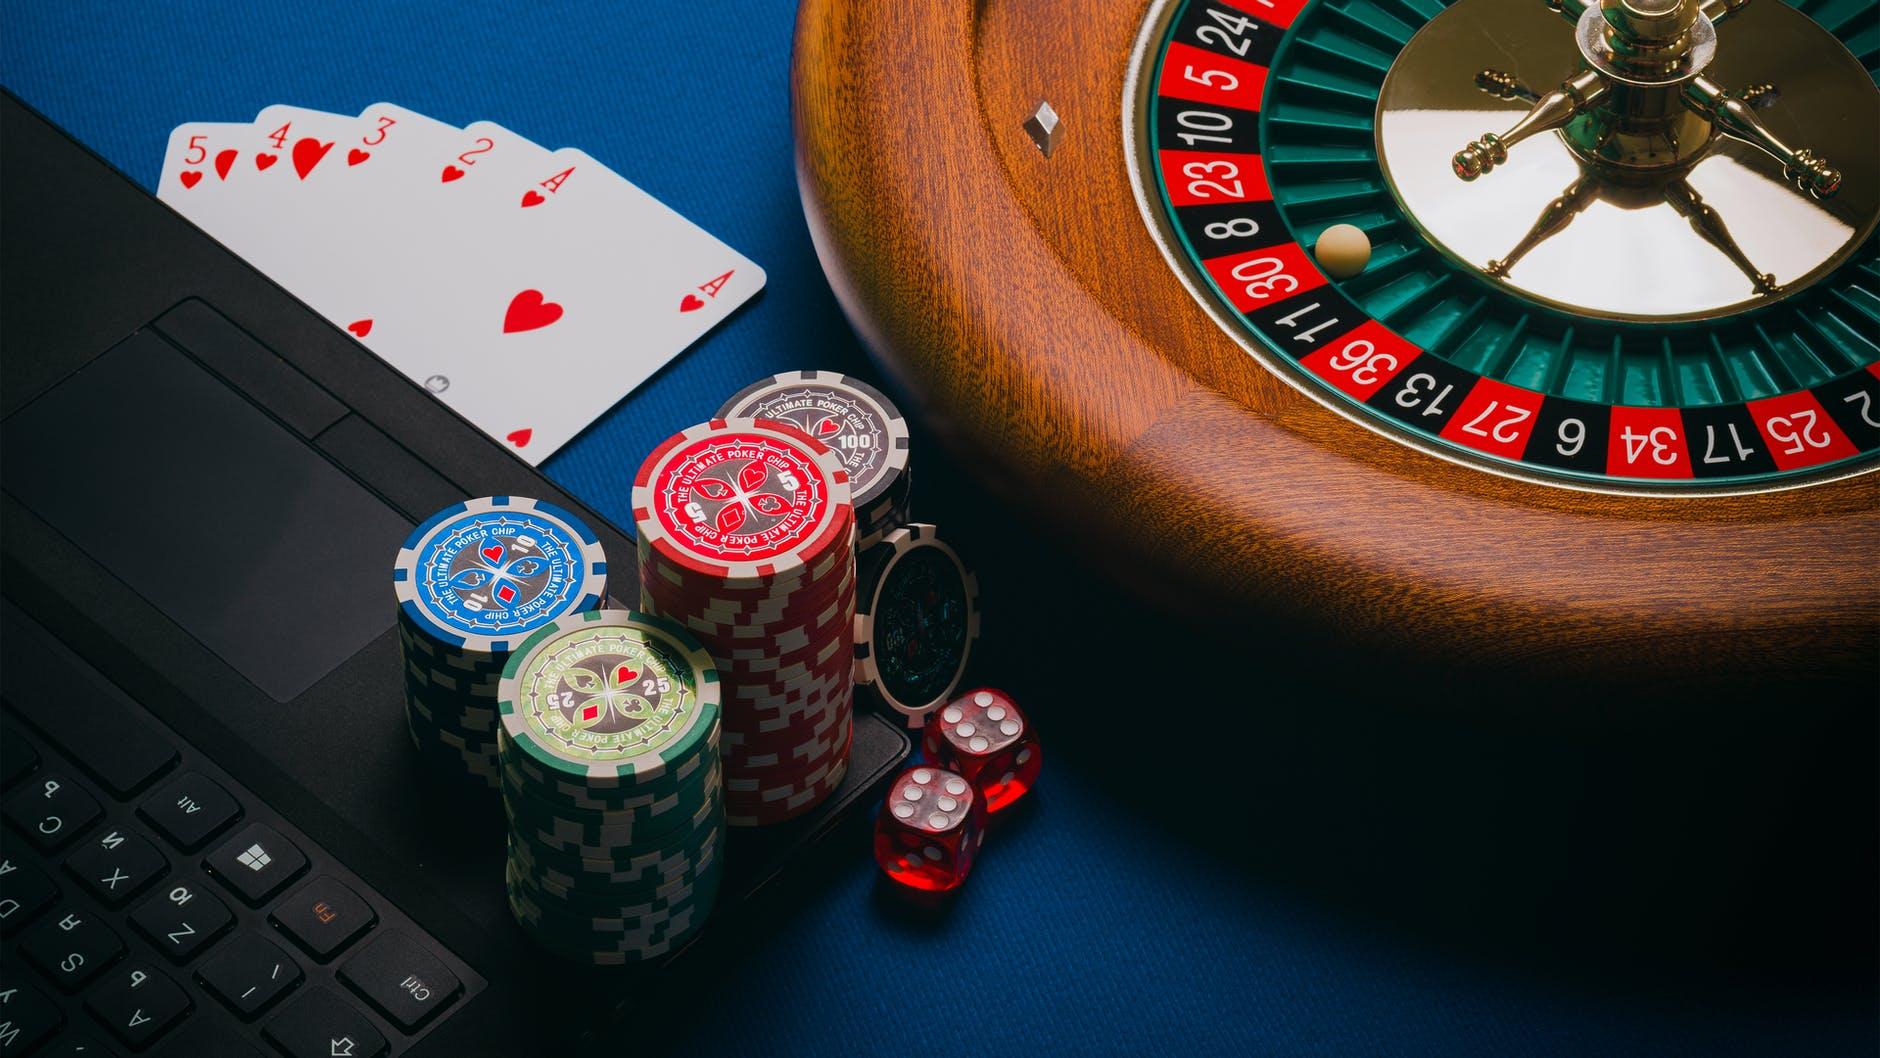 麻將高手教初學者如何快速上手和牌 線上麻將也適用